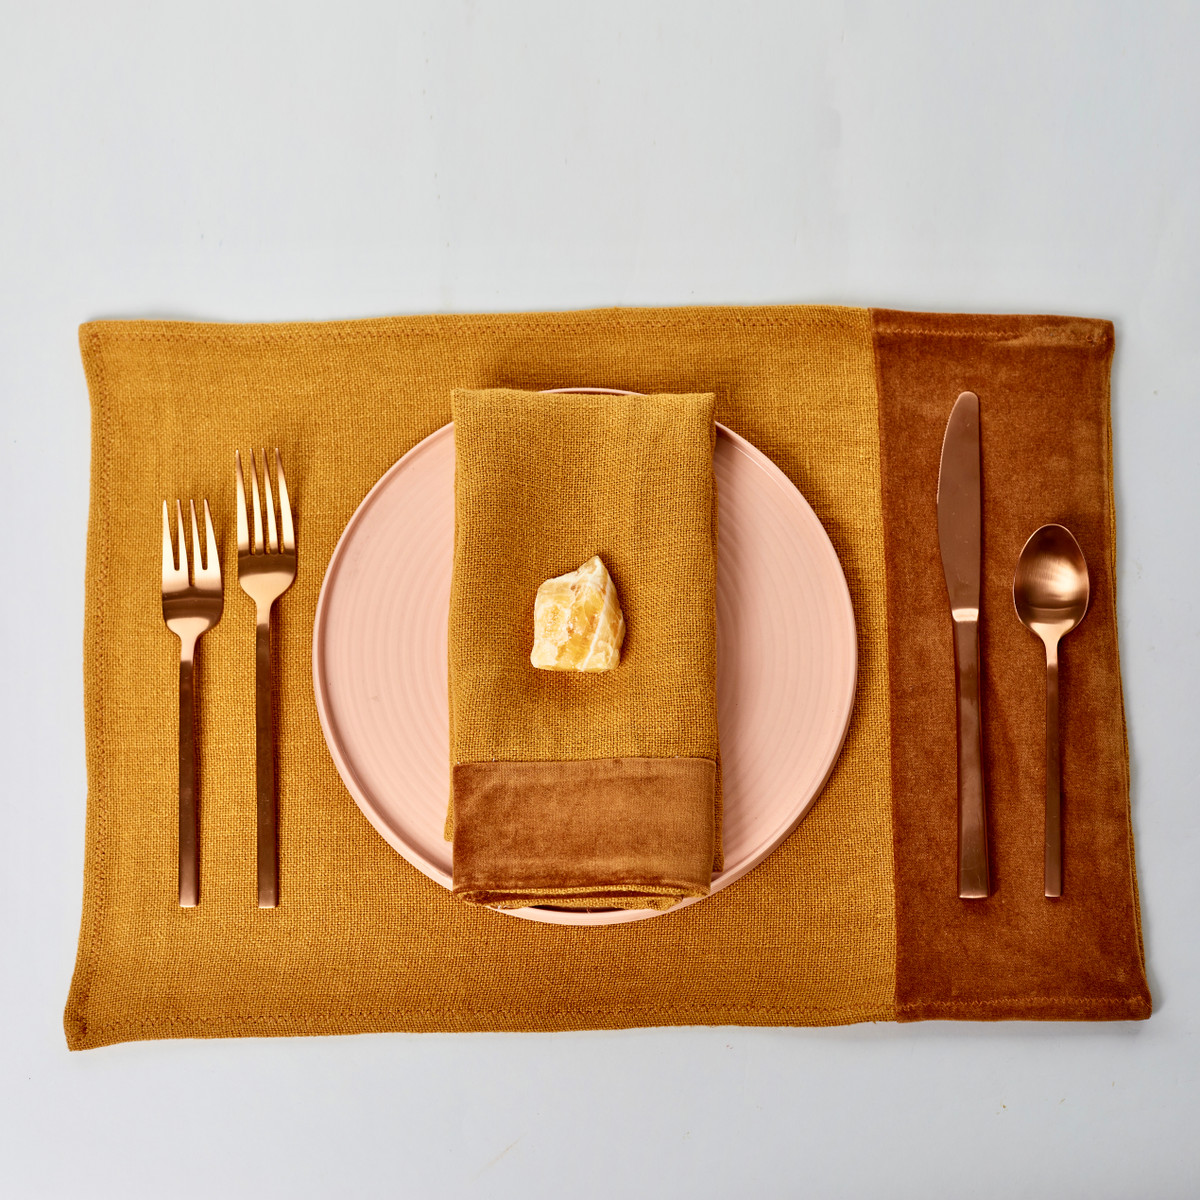 Alexis Golden Topaz Linen Placemat - Place Setting